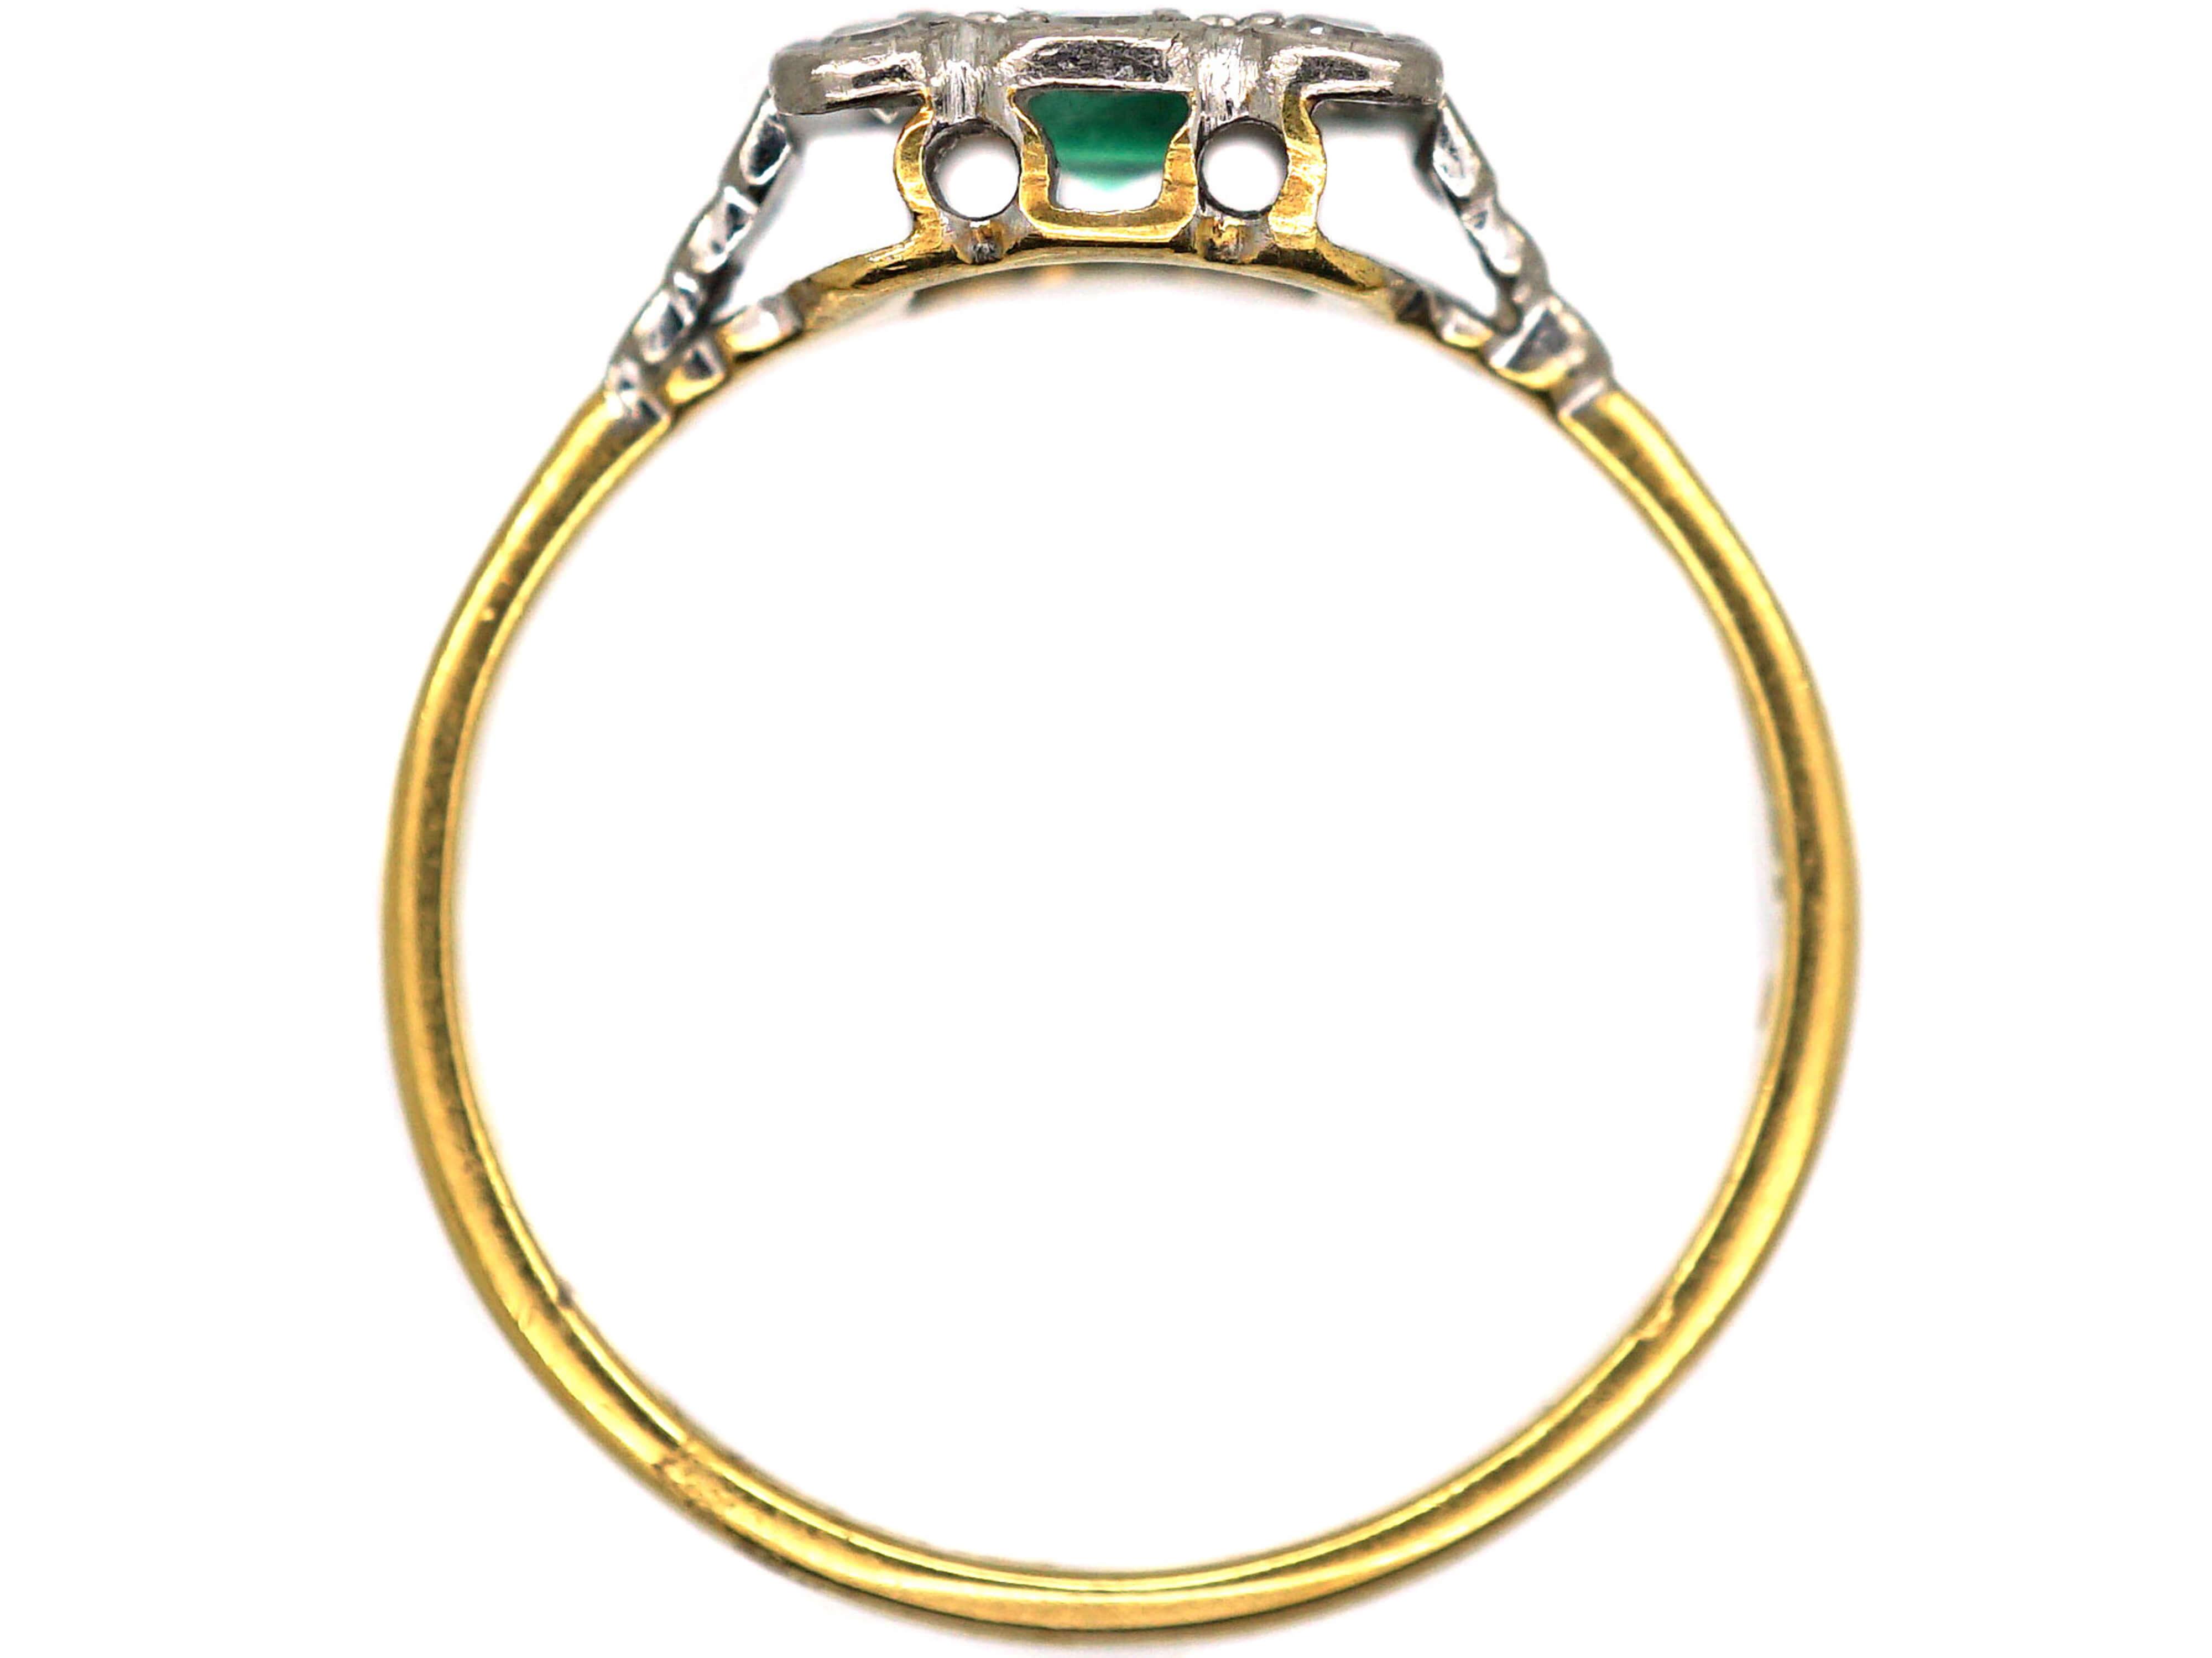 Art Deco 18ct & Platinum, Emerald & Diamond Square Shaped Ring